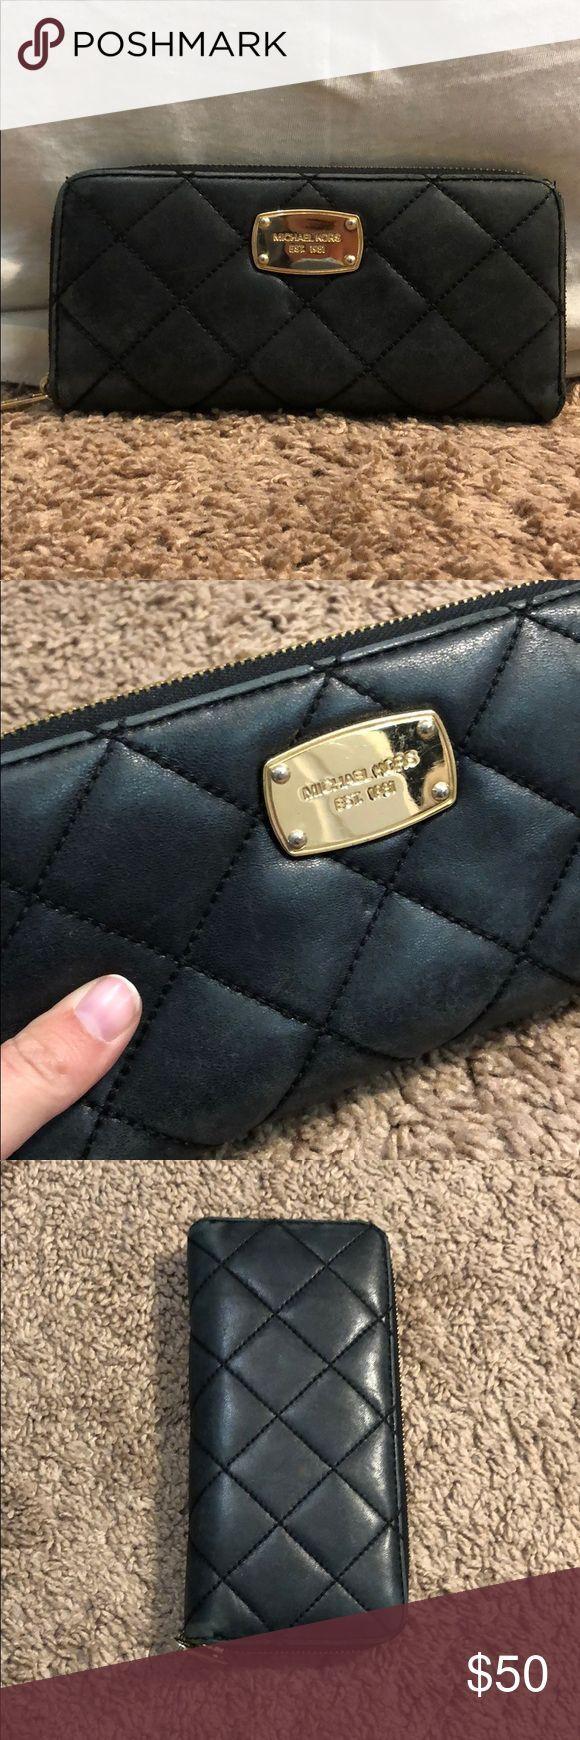 Michael Kors Tasche mit Geldbörse